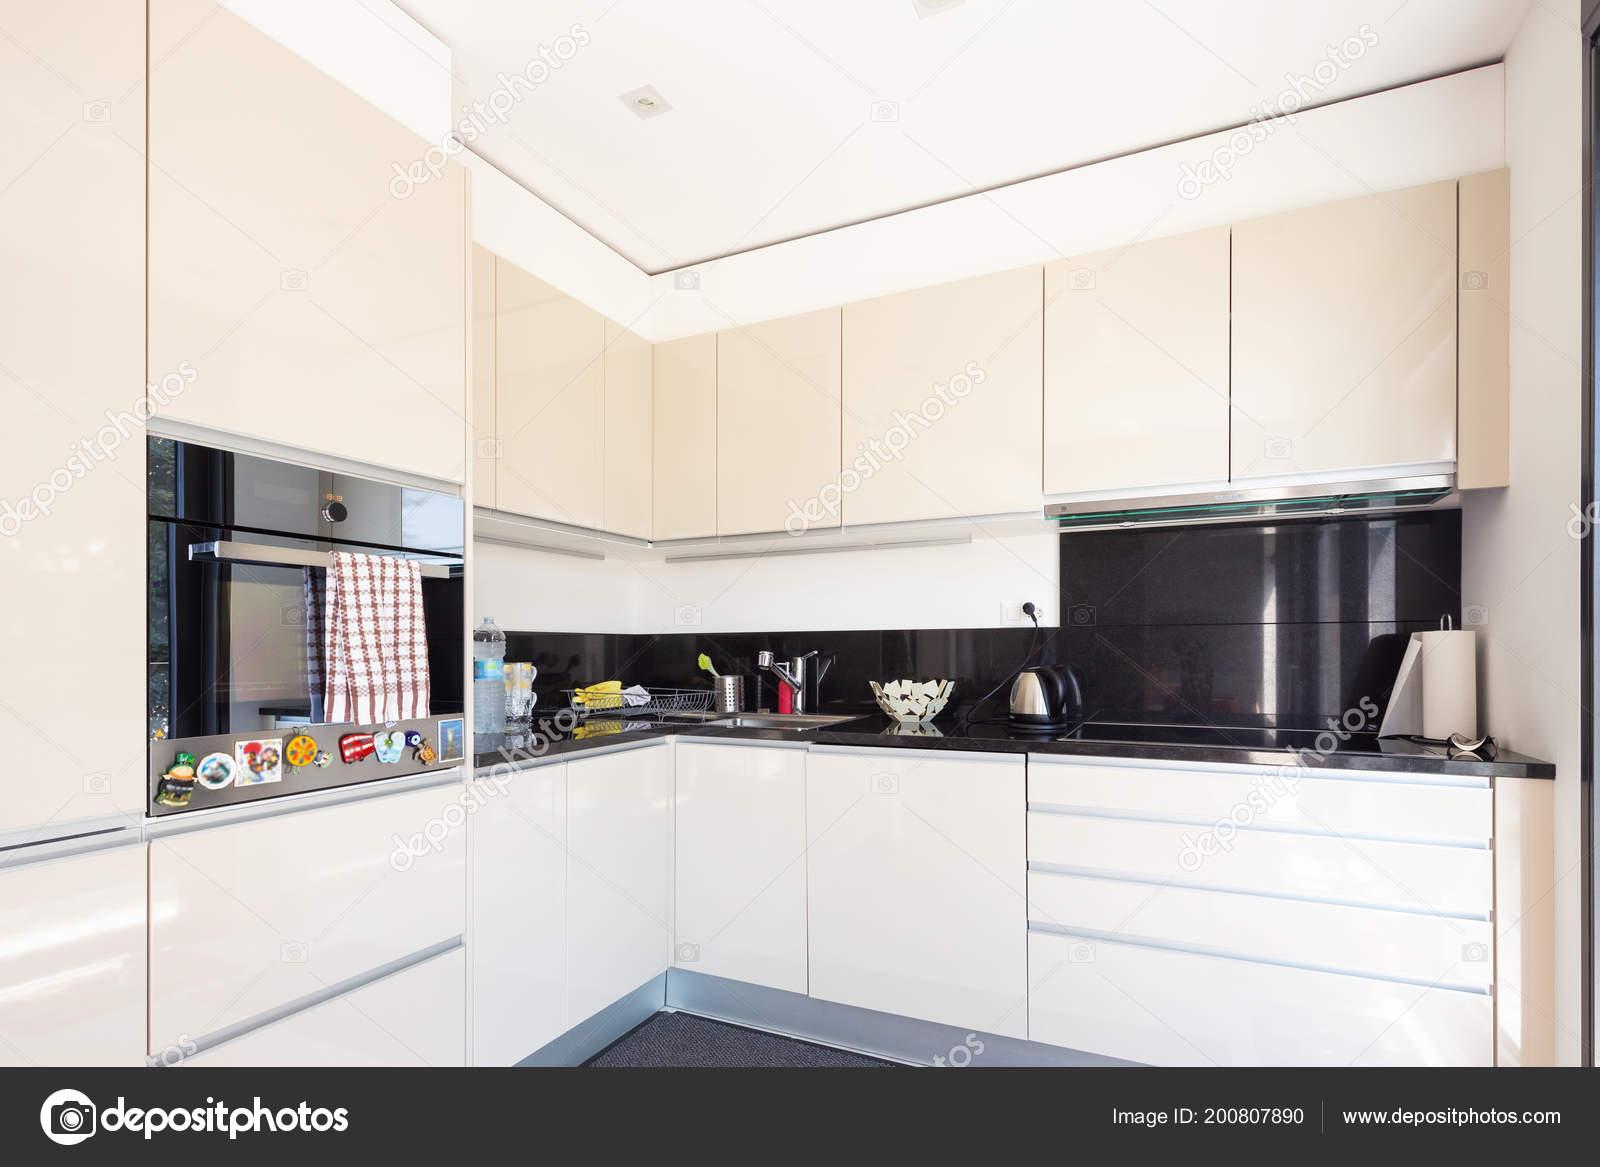 Creme Colorida Cozinha Apartamento Moderno Ninguém Insid